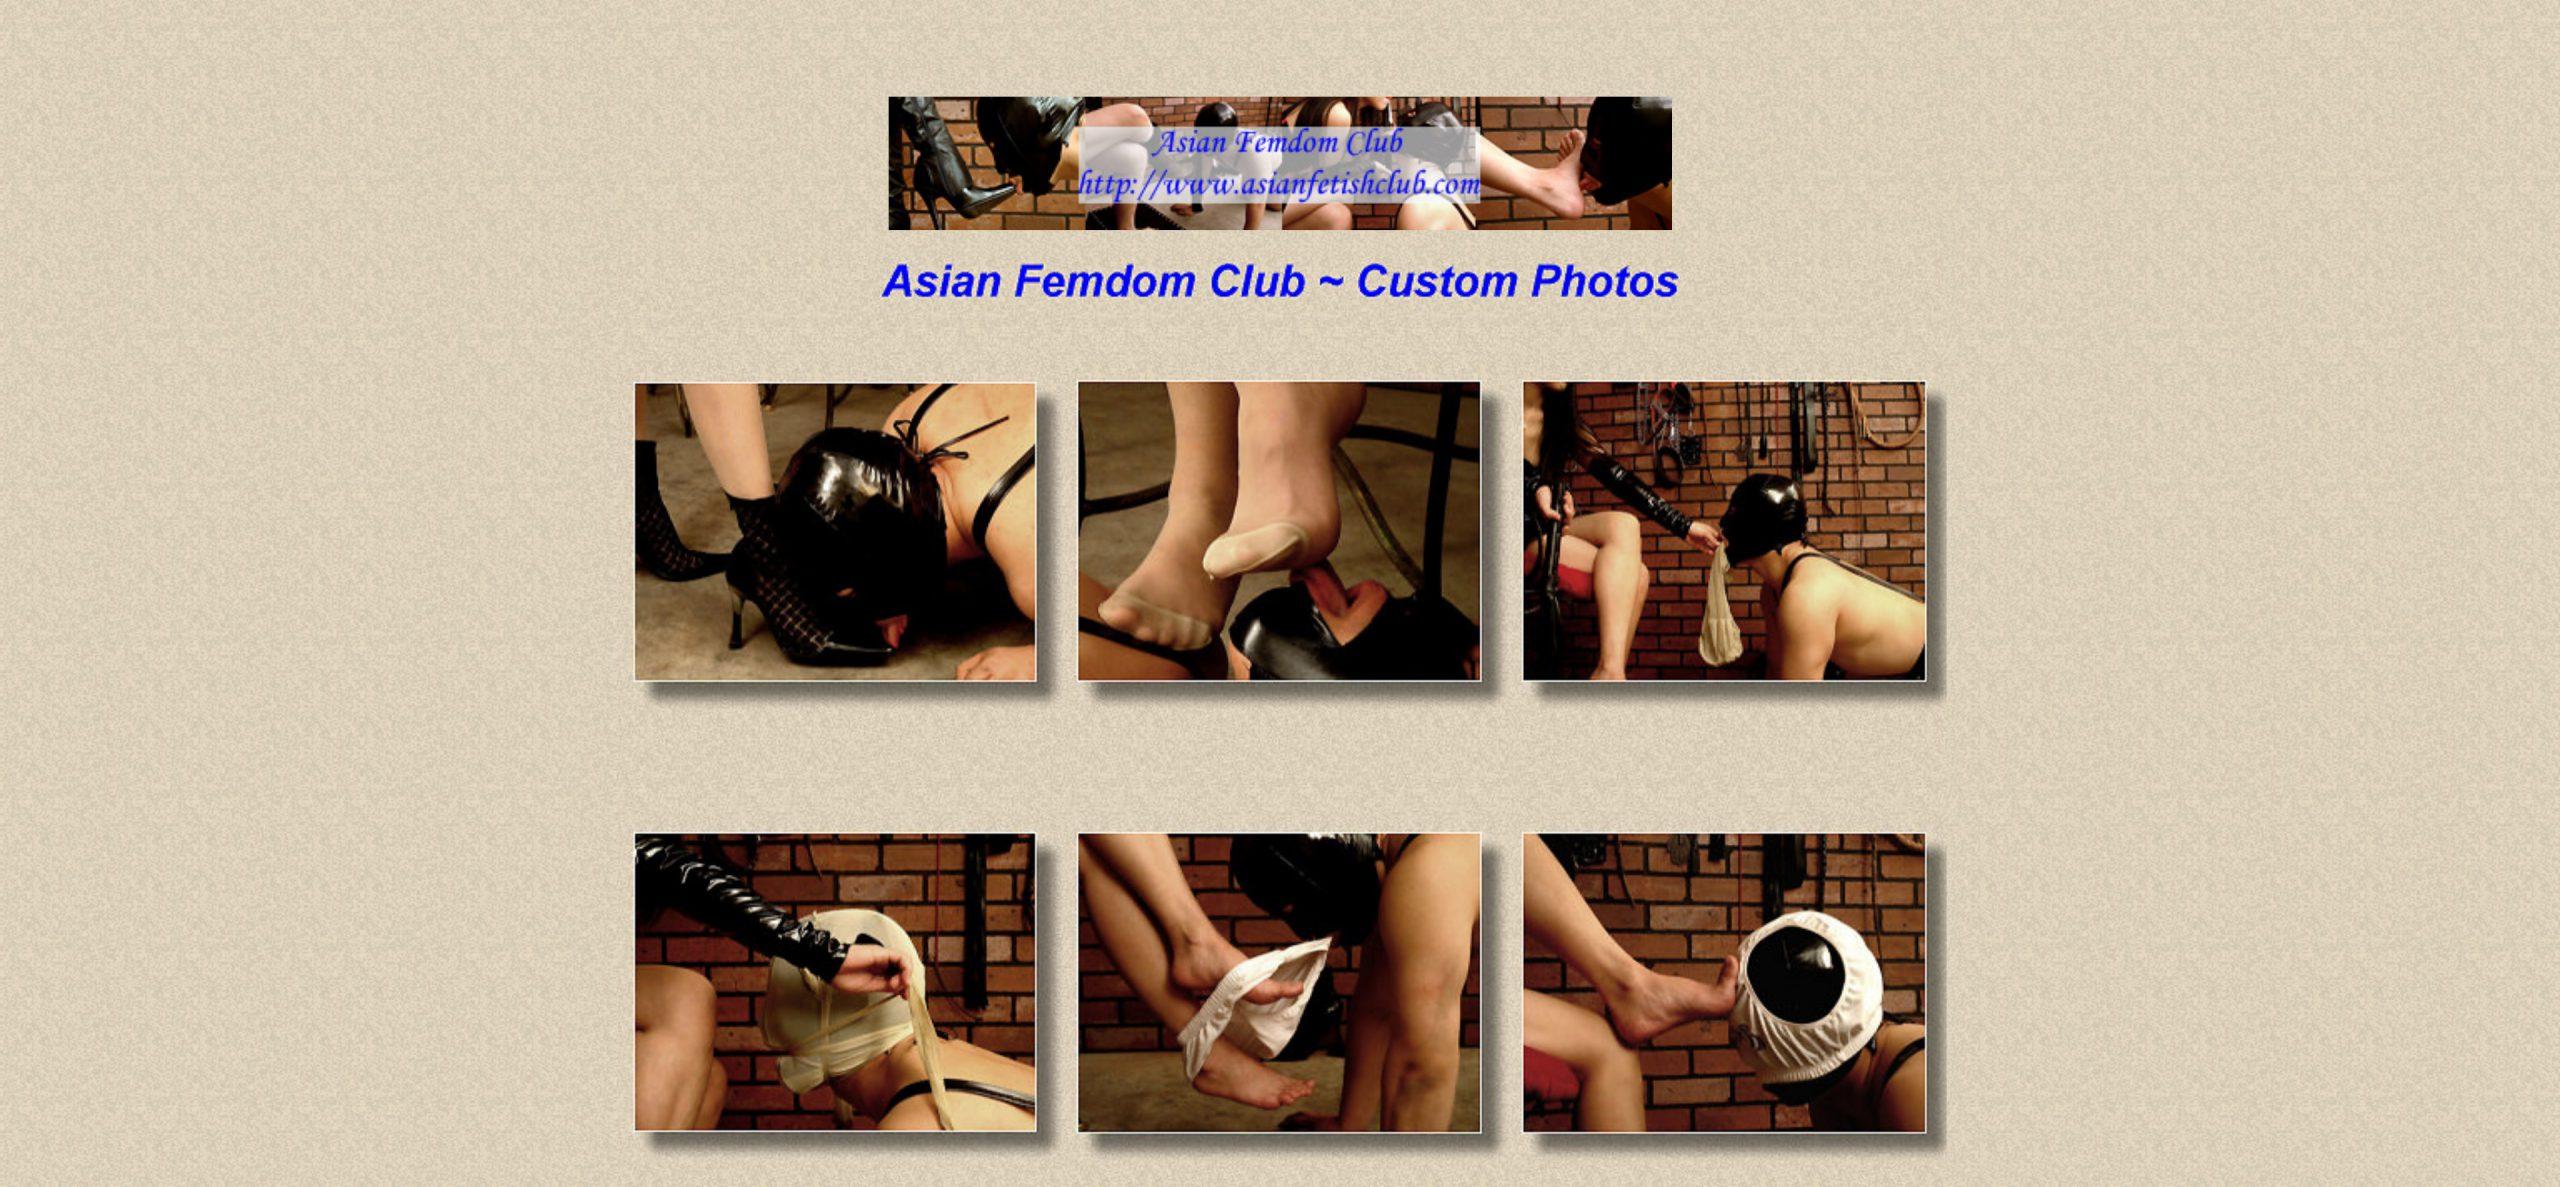 Asian Femdom Club